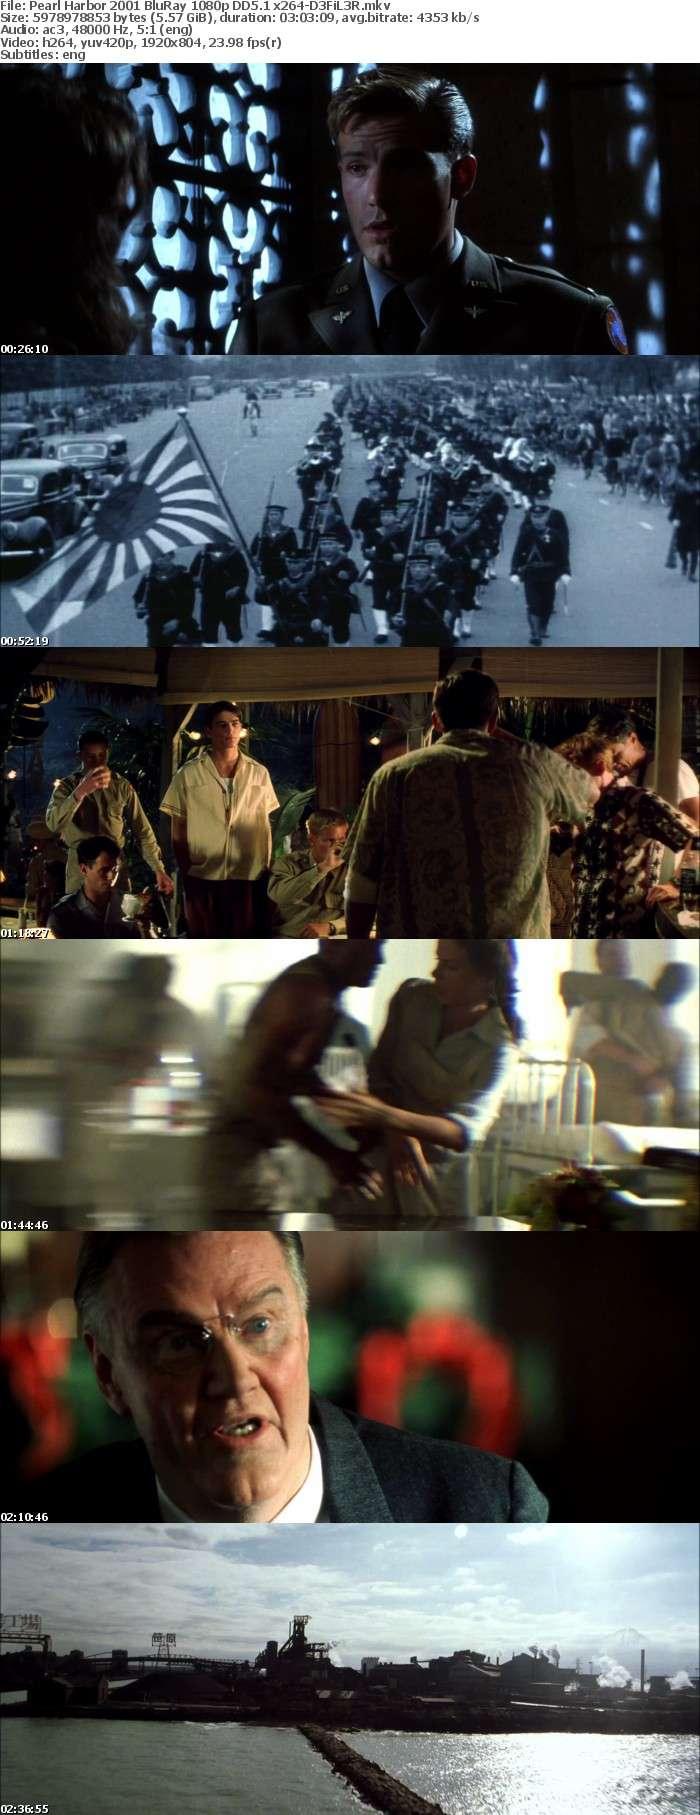 Pearl Harbor 2001 BluRay 1080p DD5 1 x264-D3FiL3R